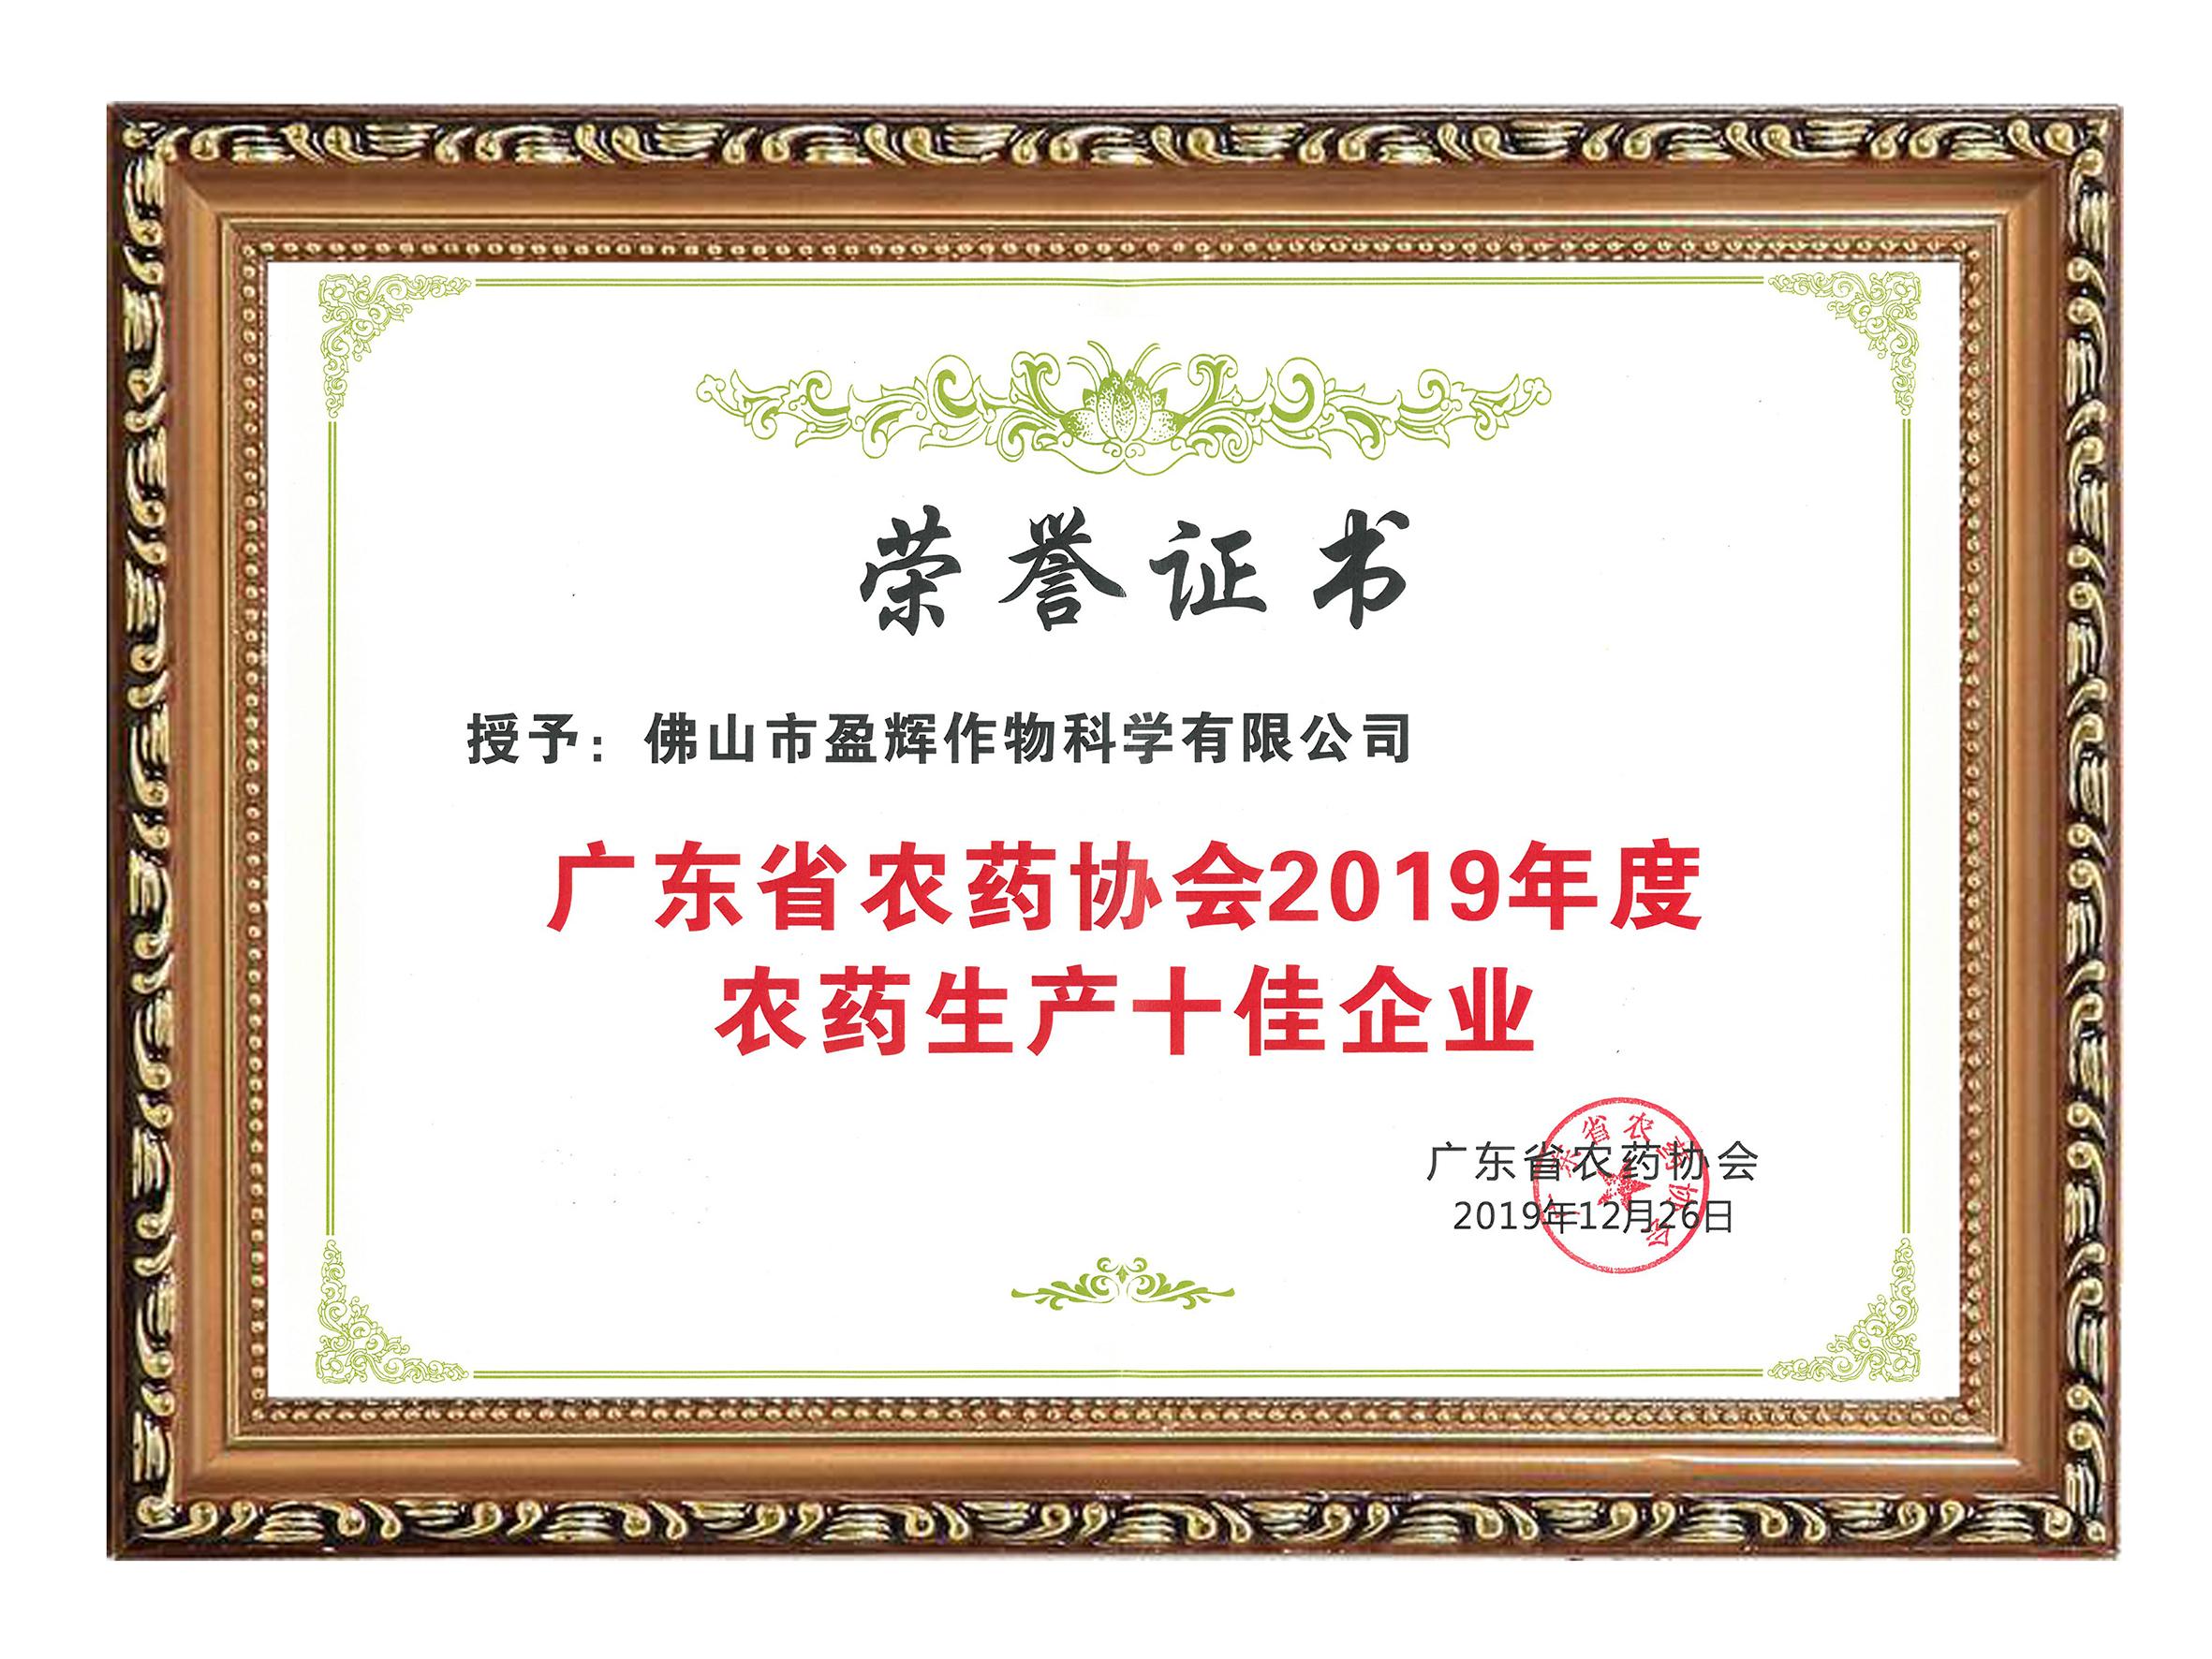 2019广东省农药协会2019年度农药生产十佳企业